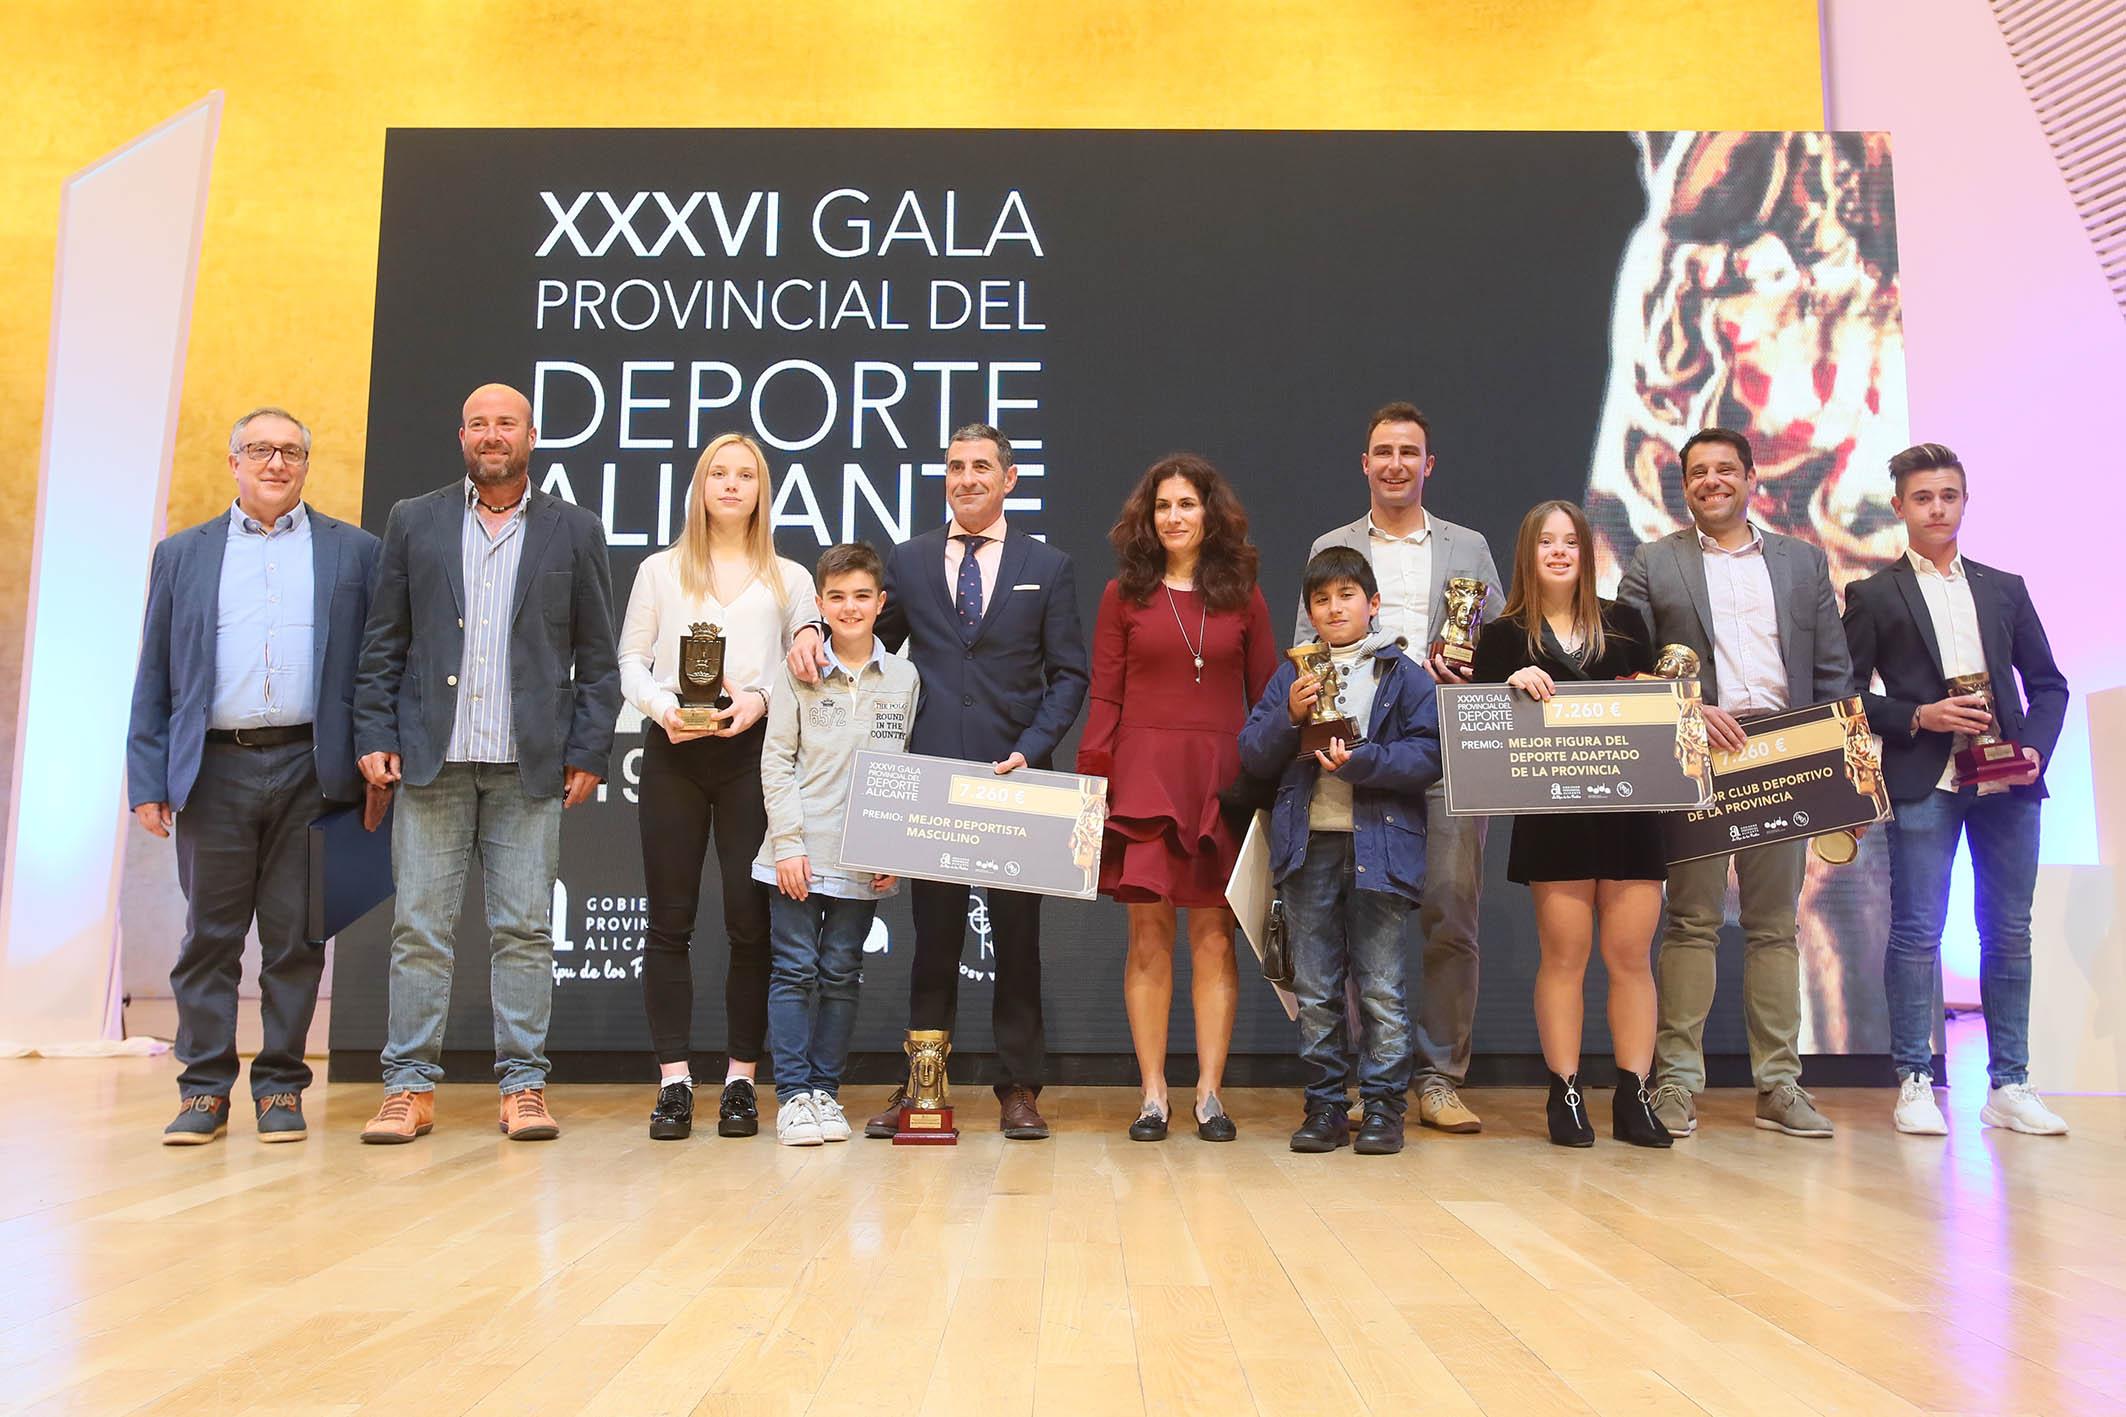 El ADDA acoge el lunes 18 de octubre la Gala de Entrega de los Premios Provinciales del Deporte